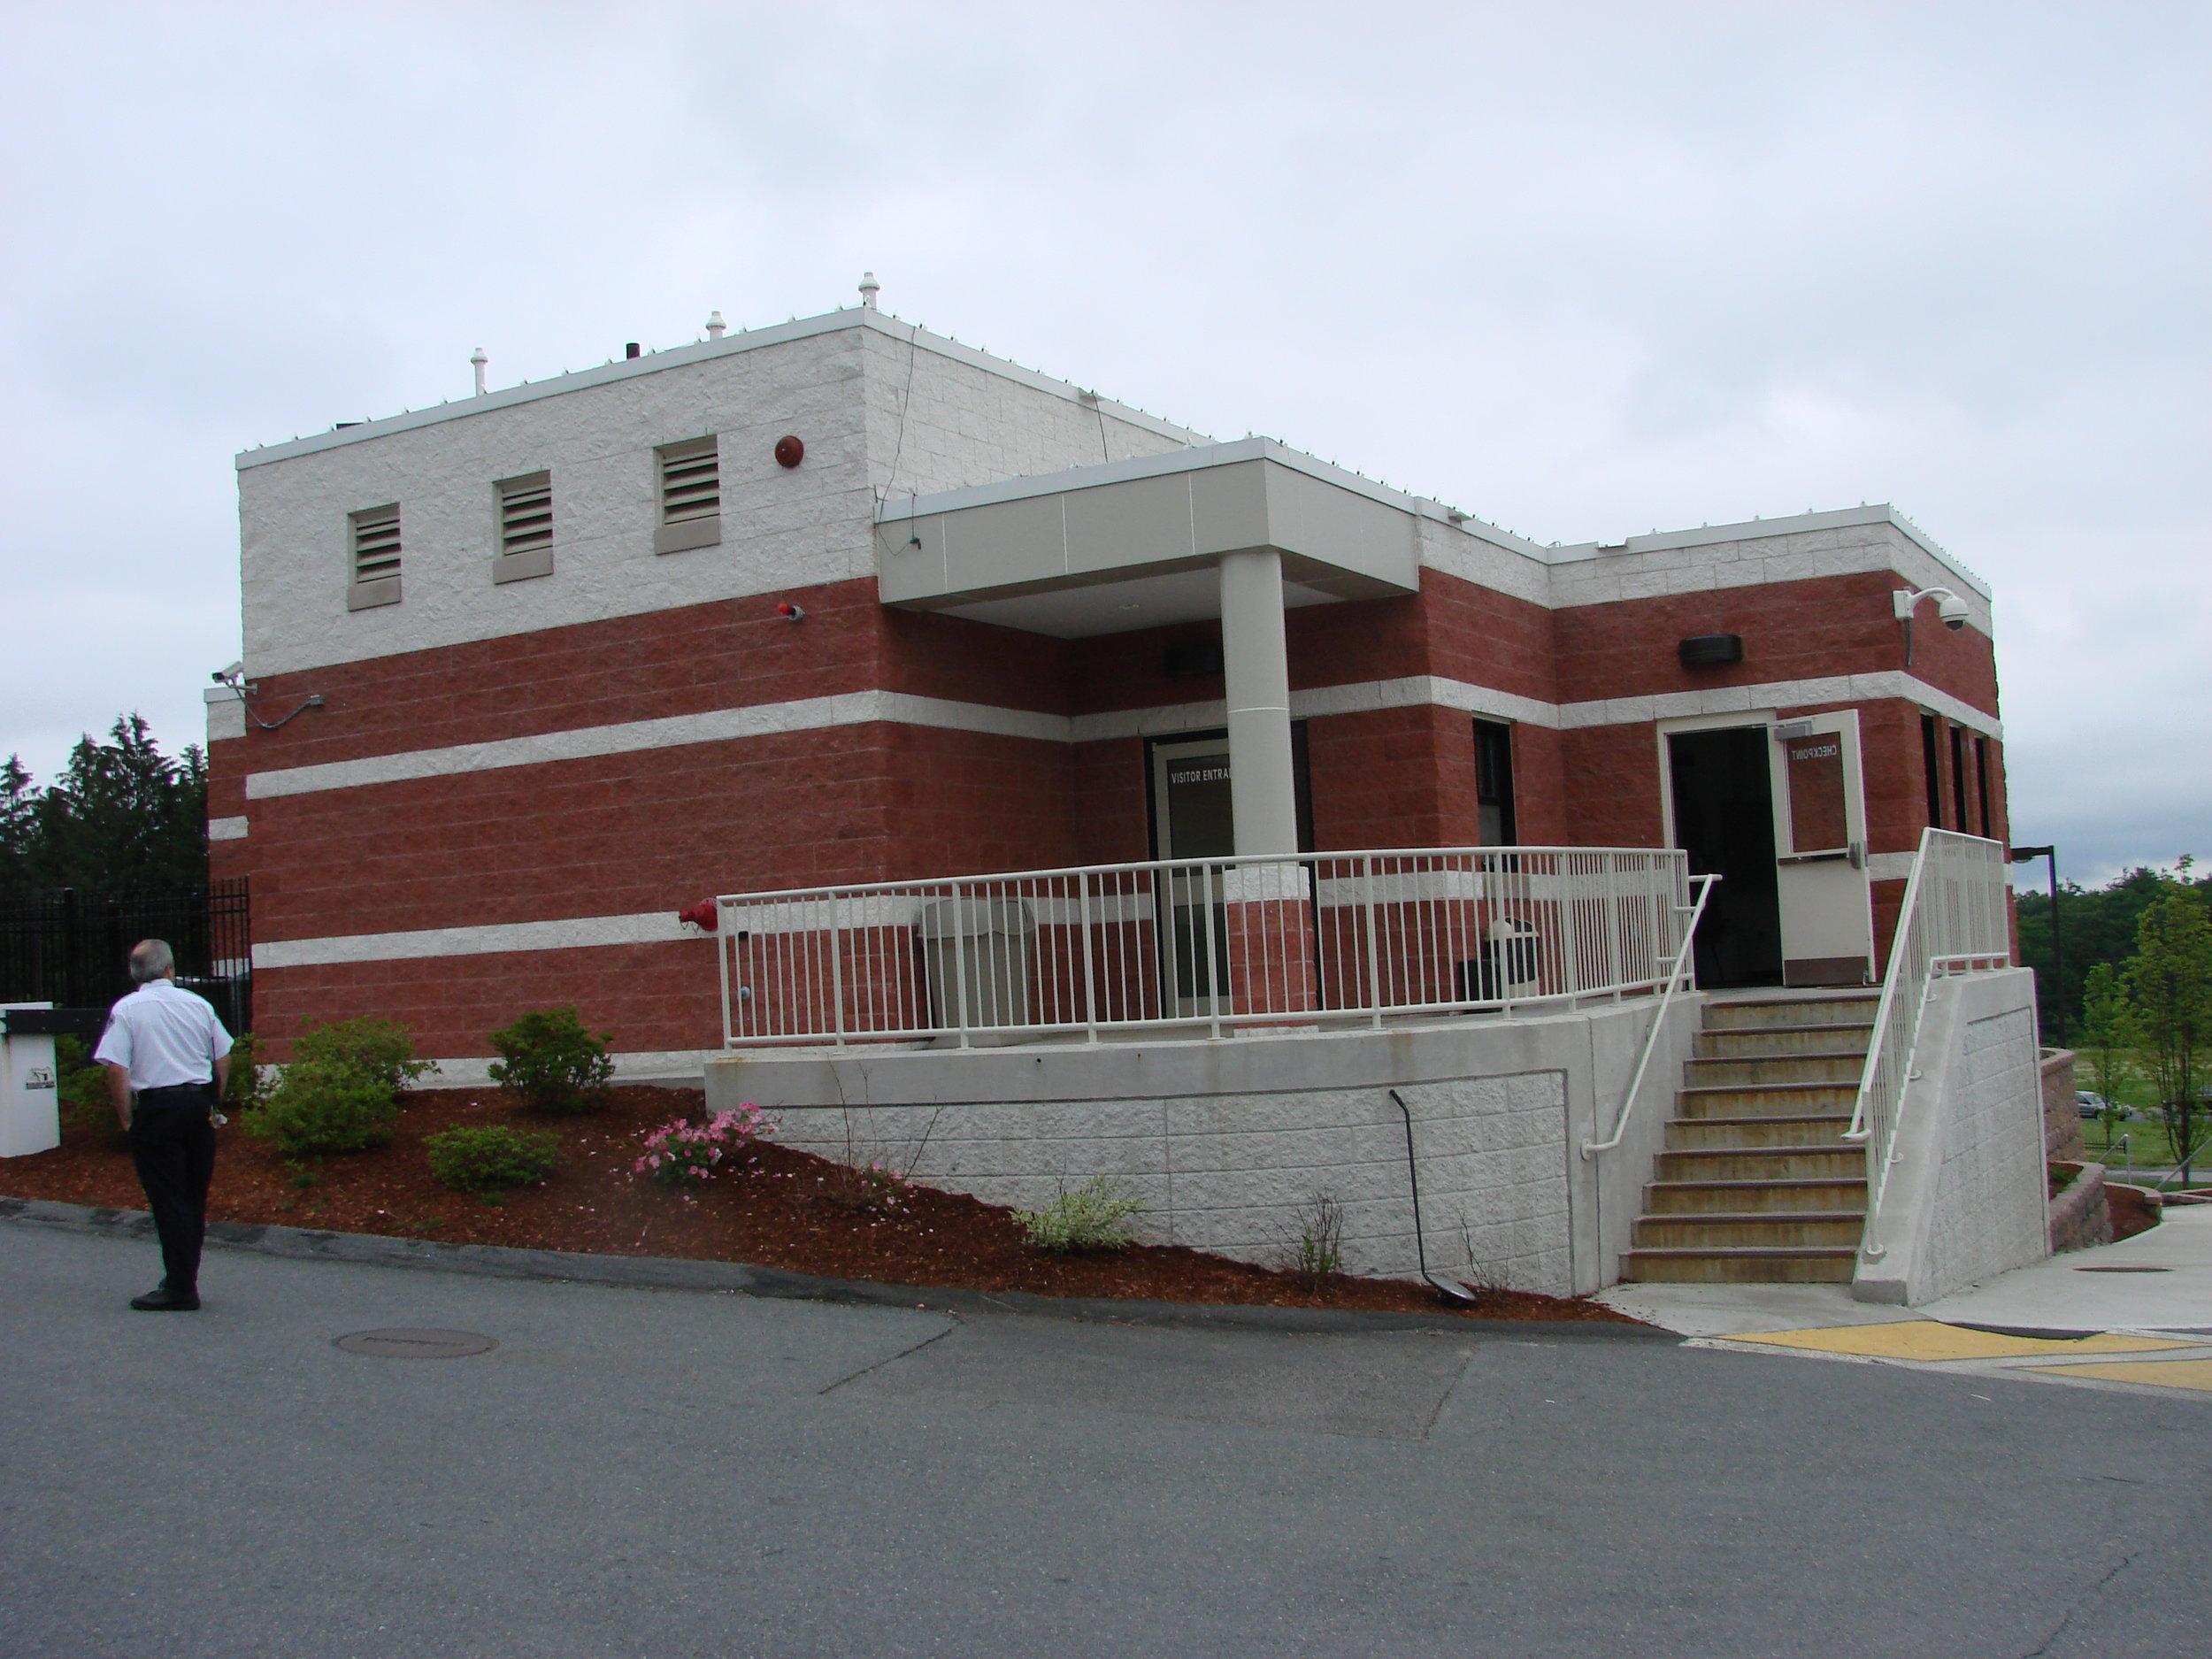 6-15-09 Billerica House of Correction 013.jpg